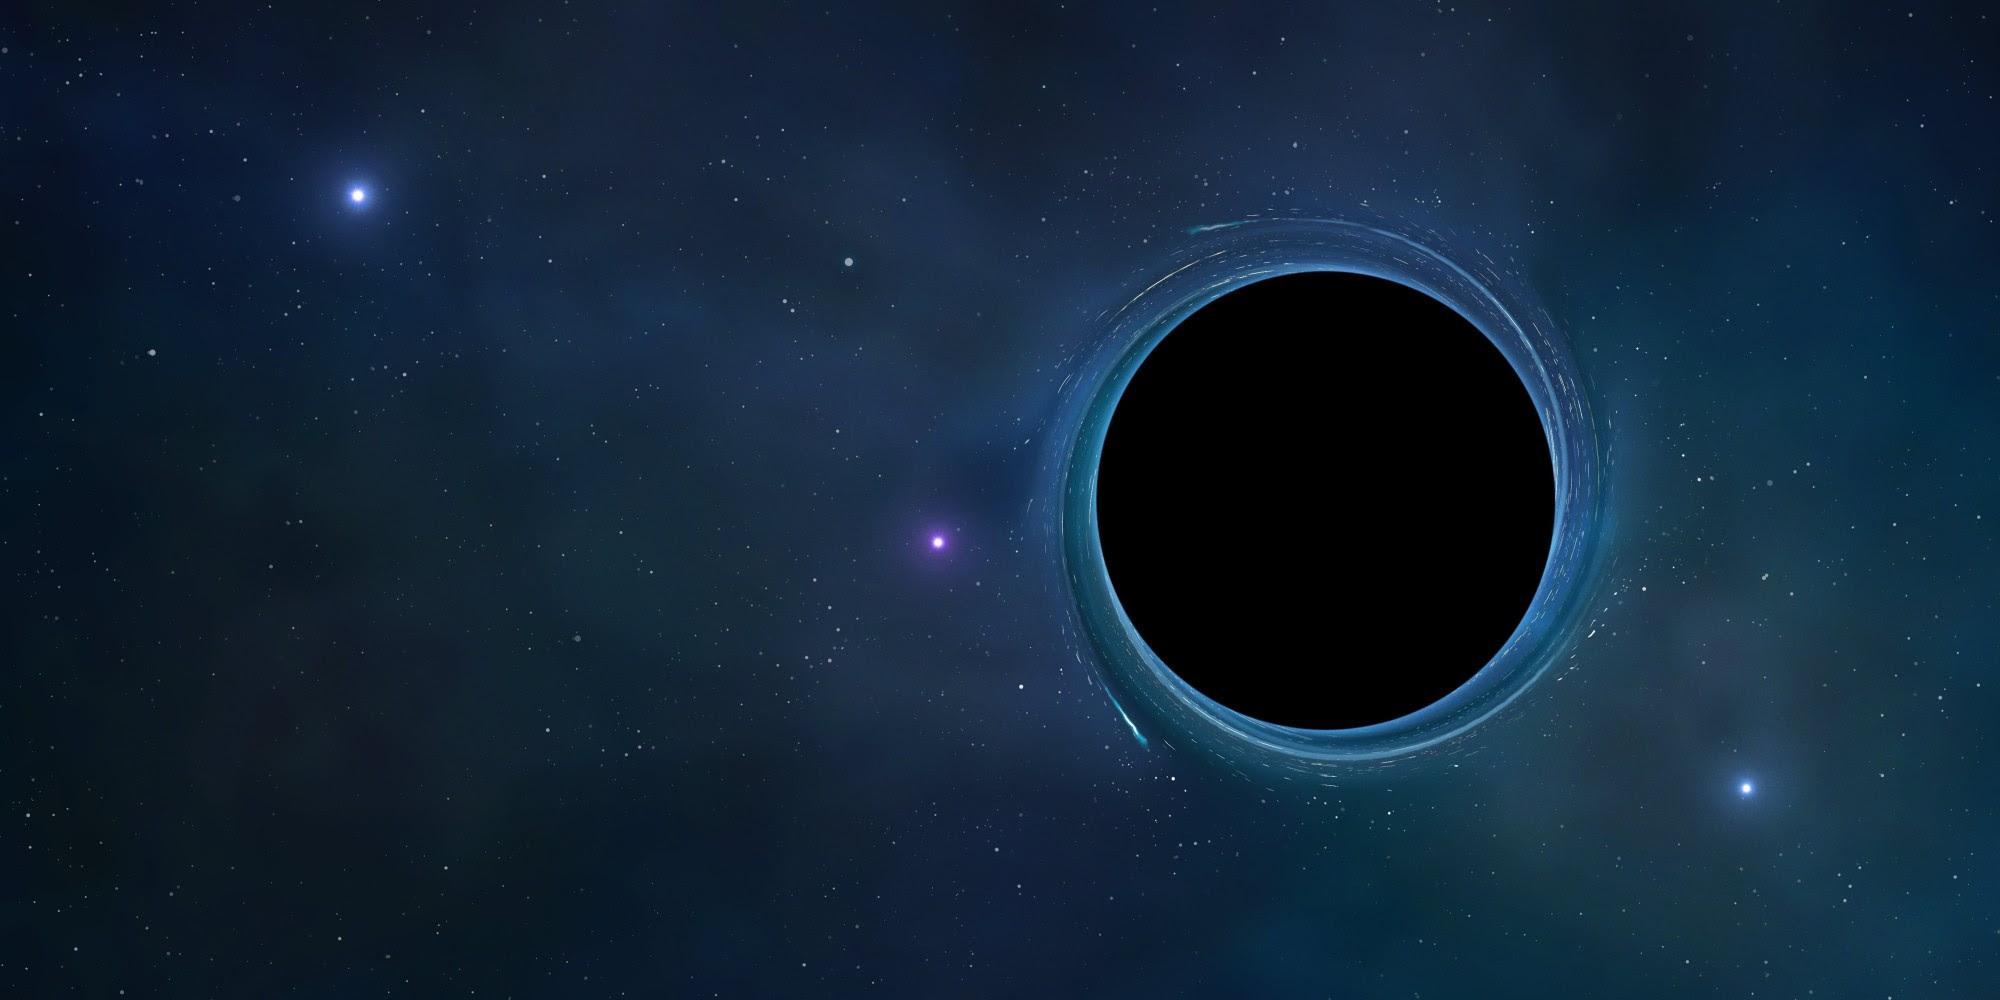 'Black Holes' In Ocean Exist, Scientists Say